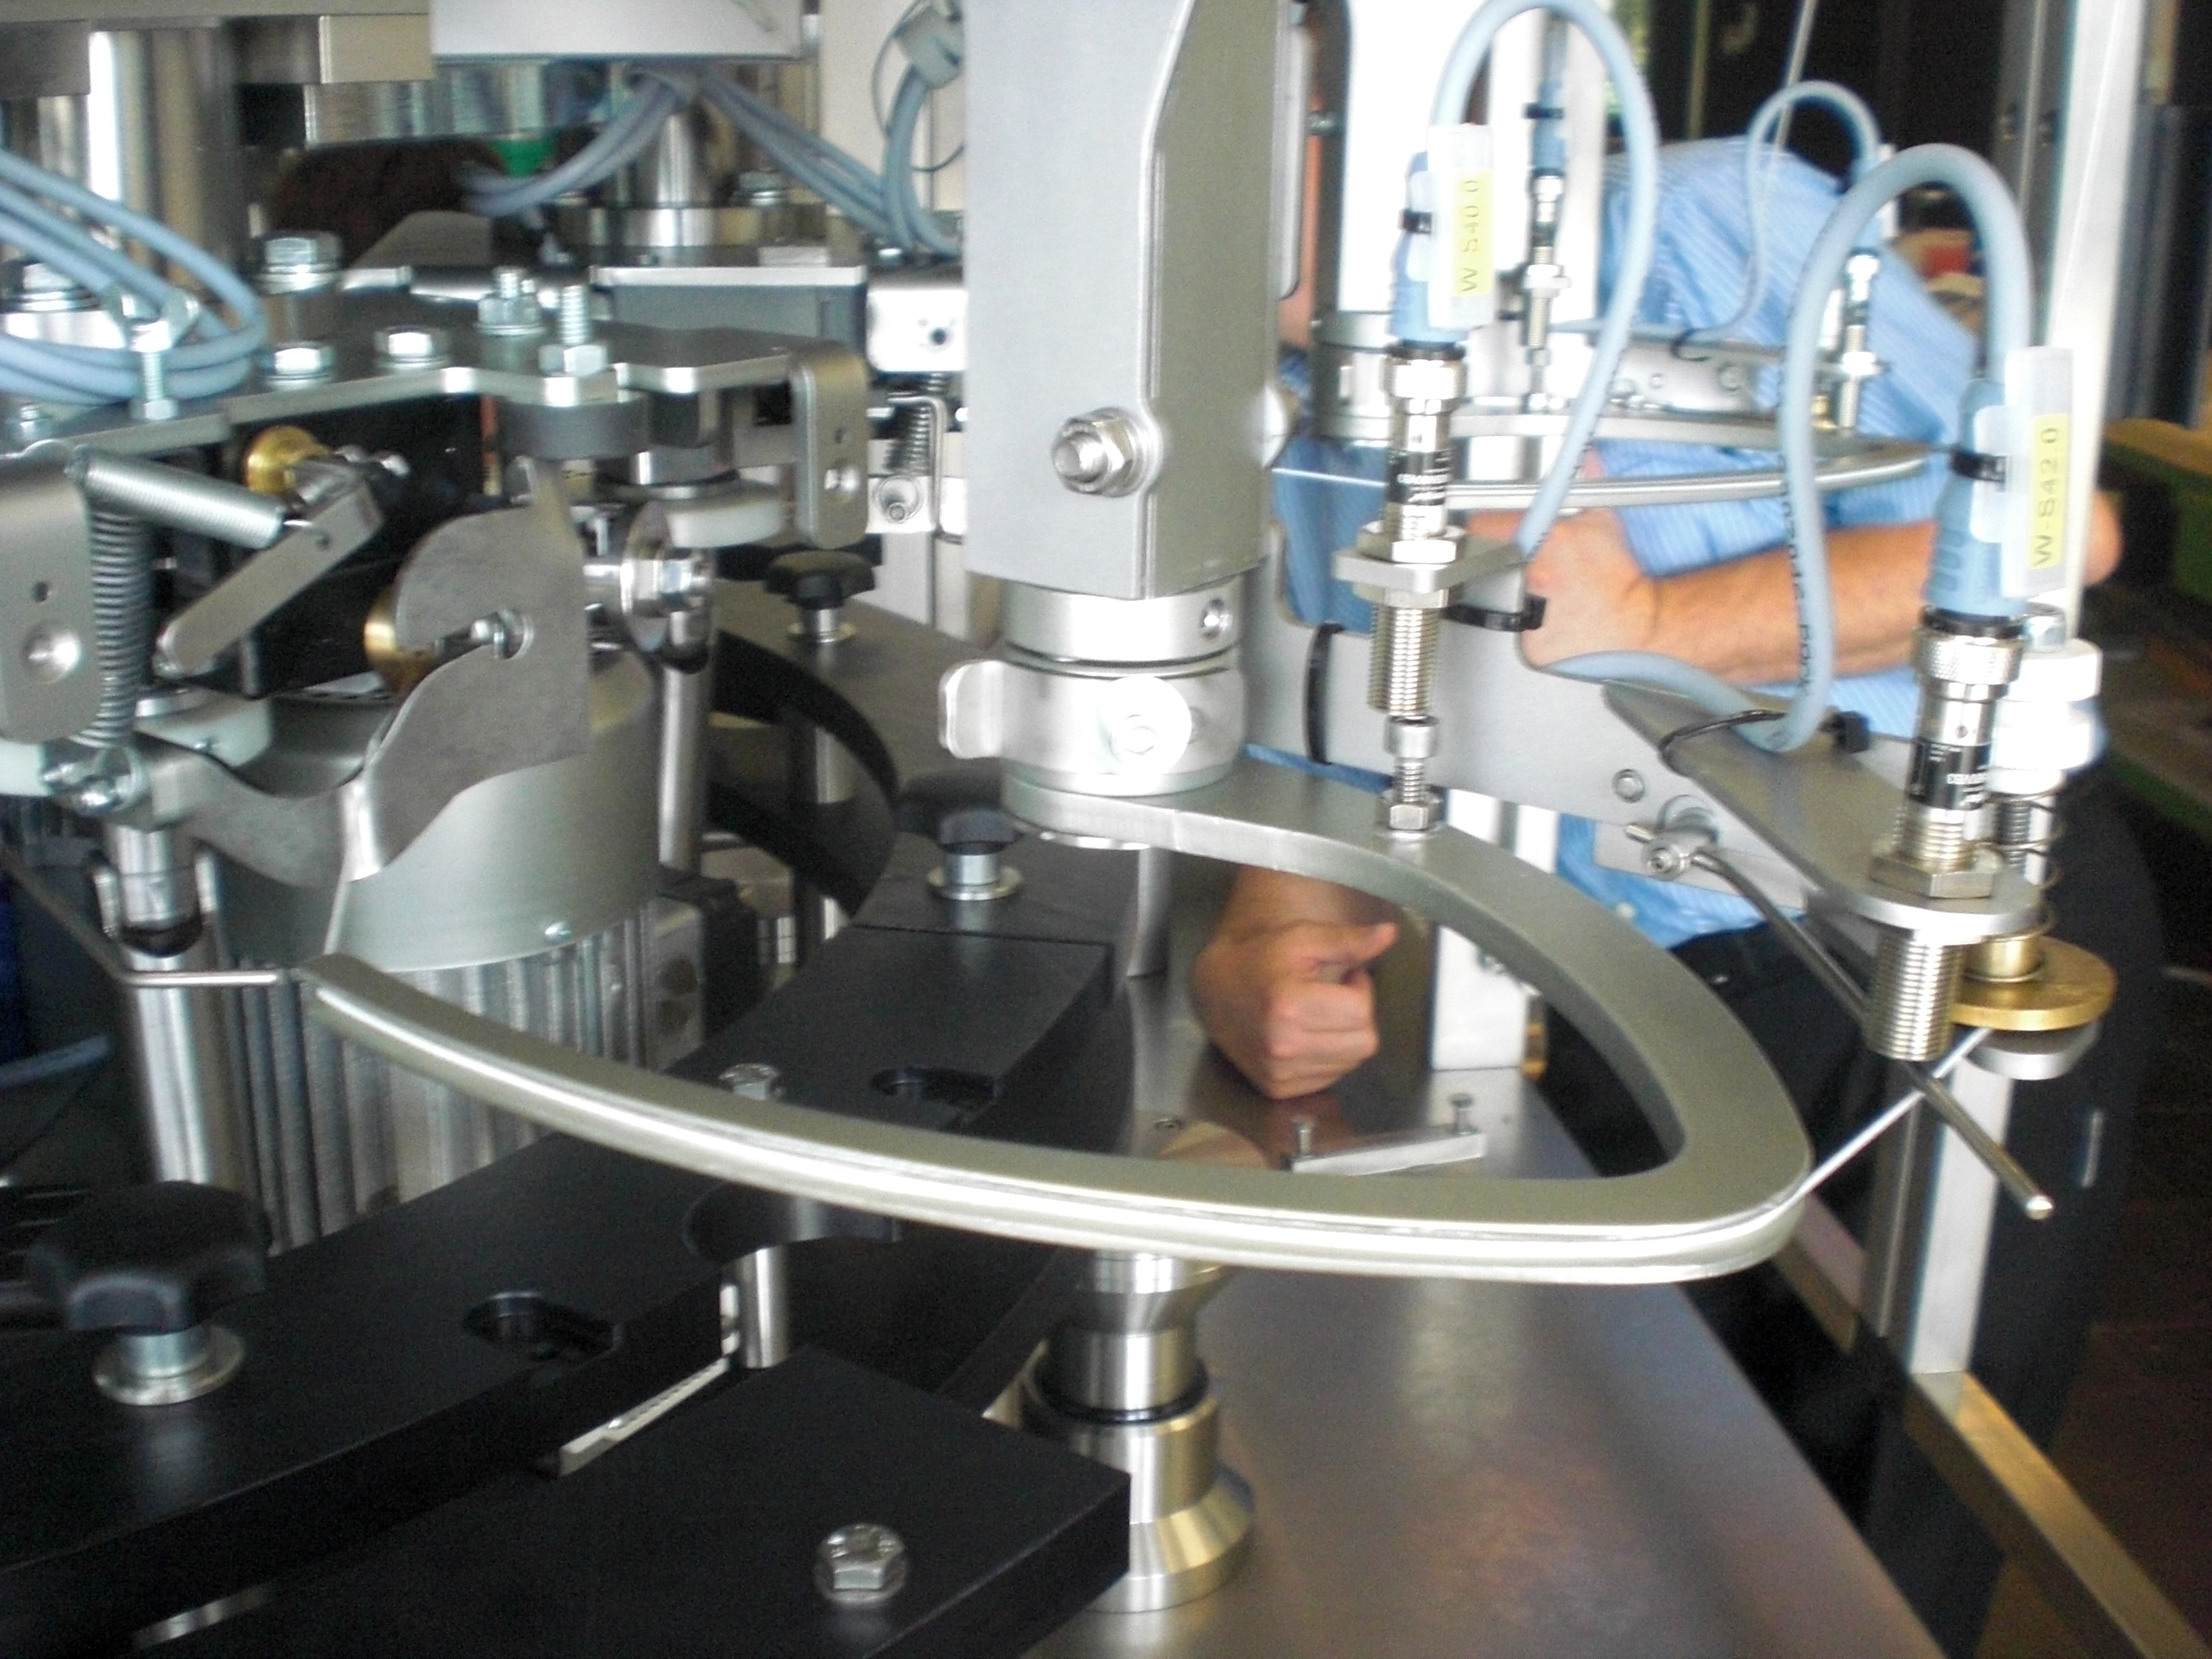 String Tying Machine Raupack UK and Ireland